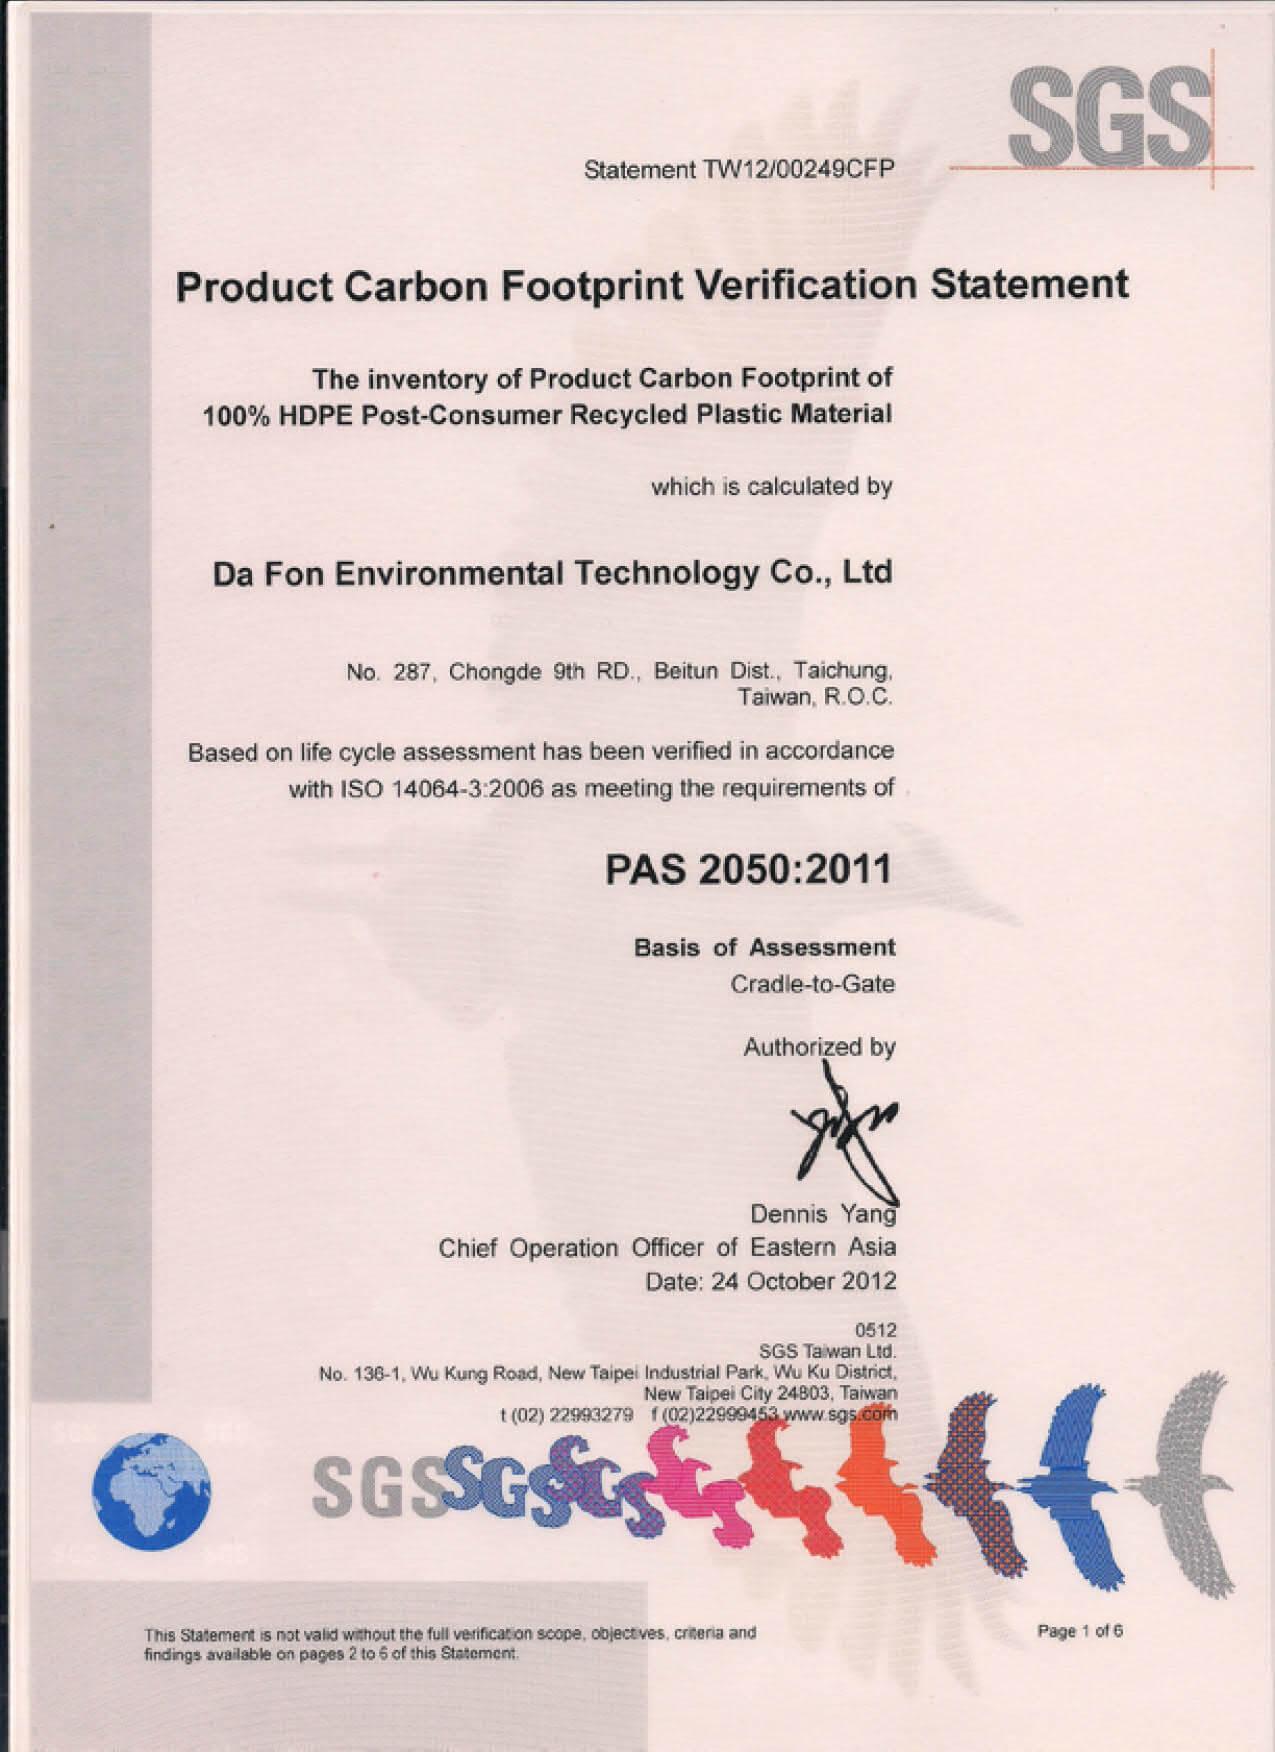 HDPE碳足跡查證聲明書